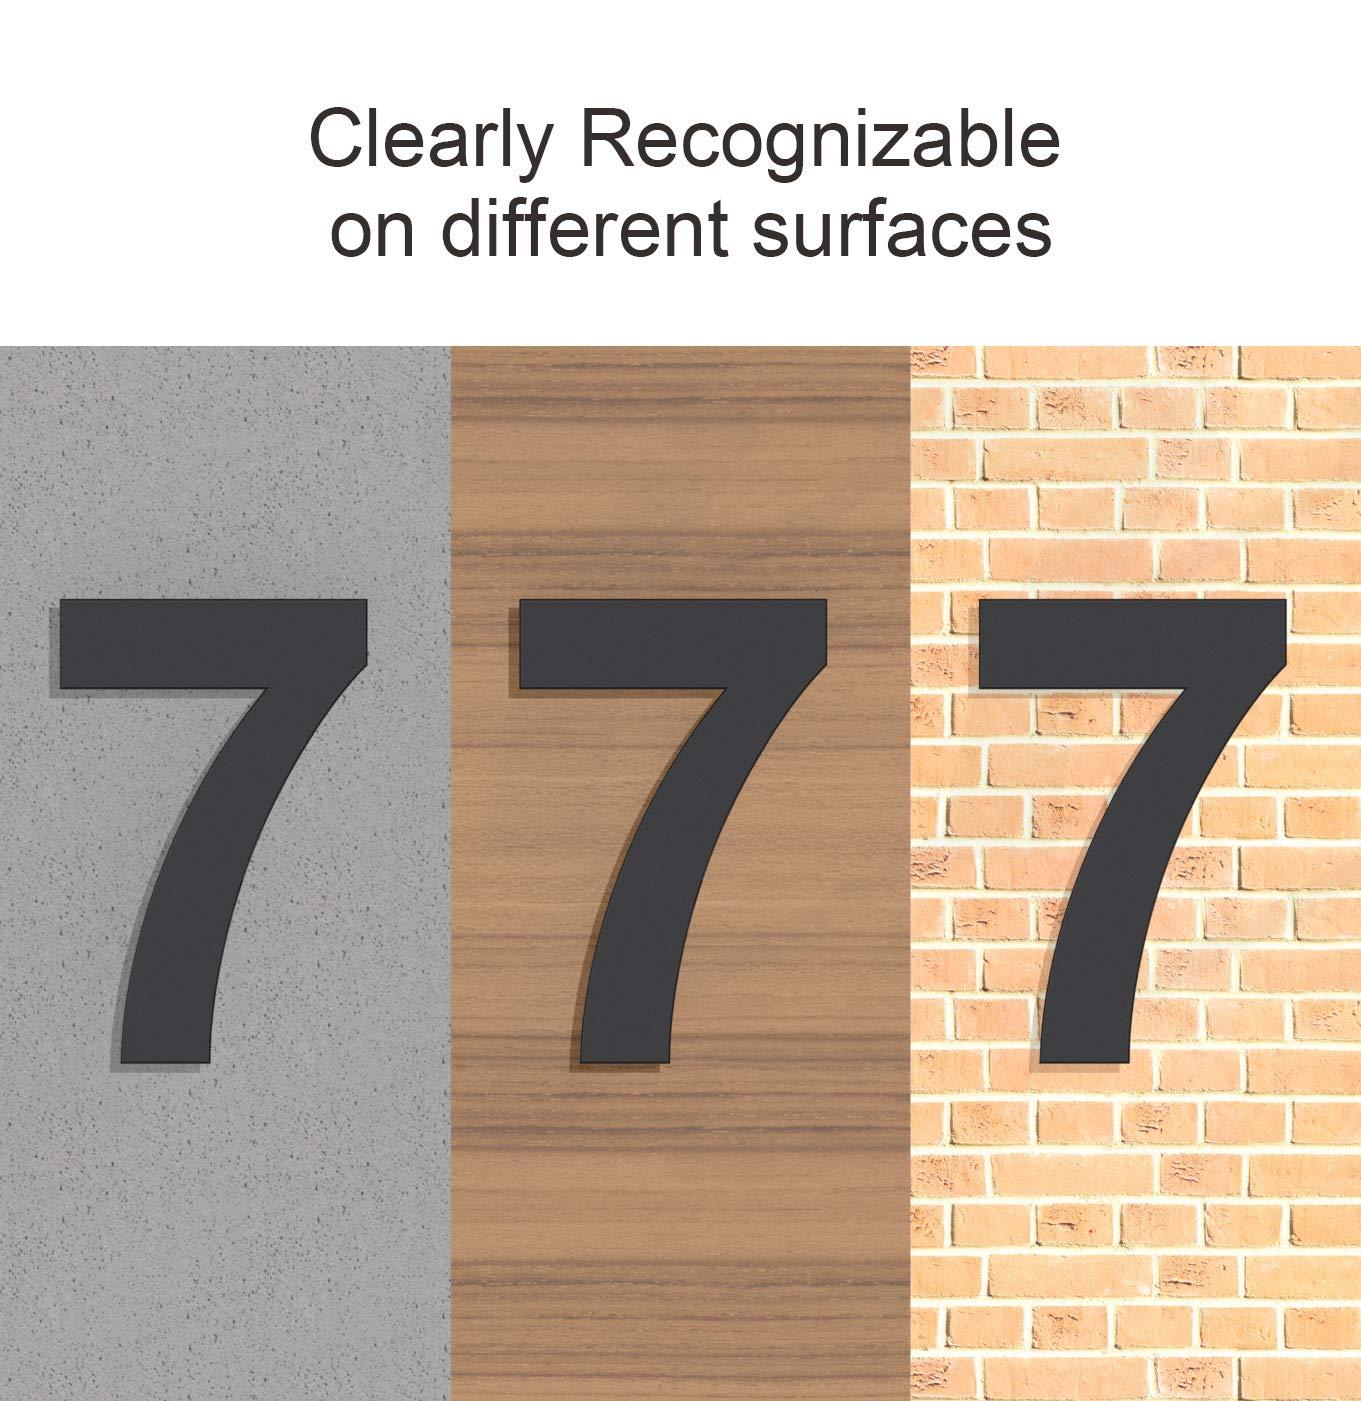 chapado en negro N/úmero 4 Cuatro N/úmero de casa moderno cepillado 205 mm de altura hecho de acero inoxidable 304 s/ólido